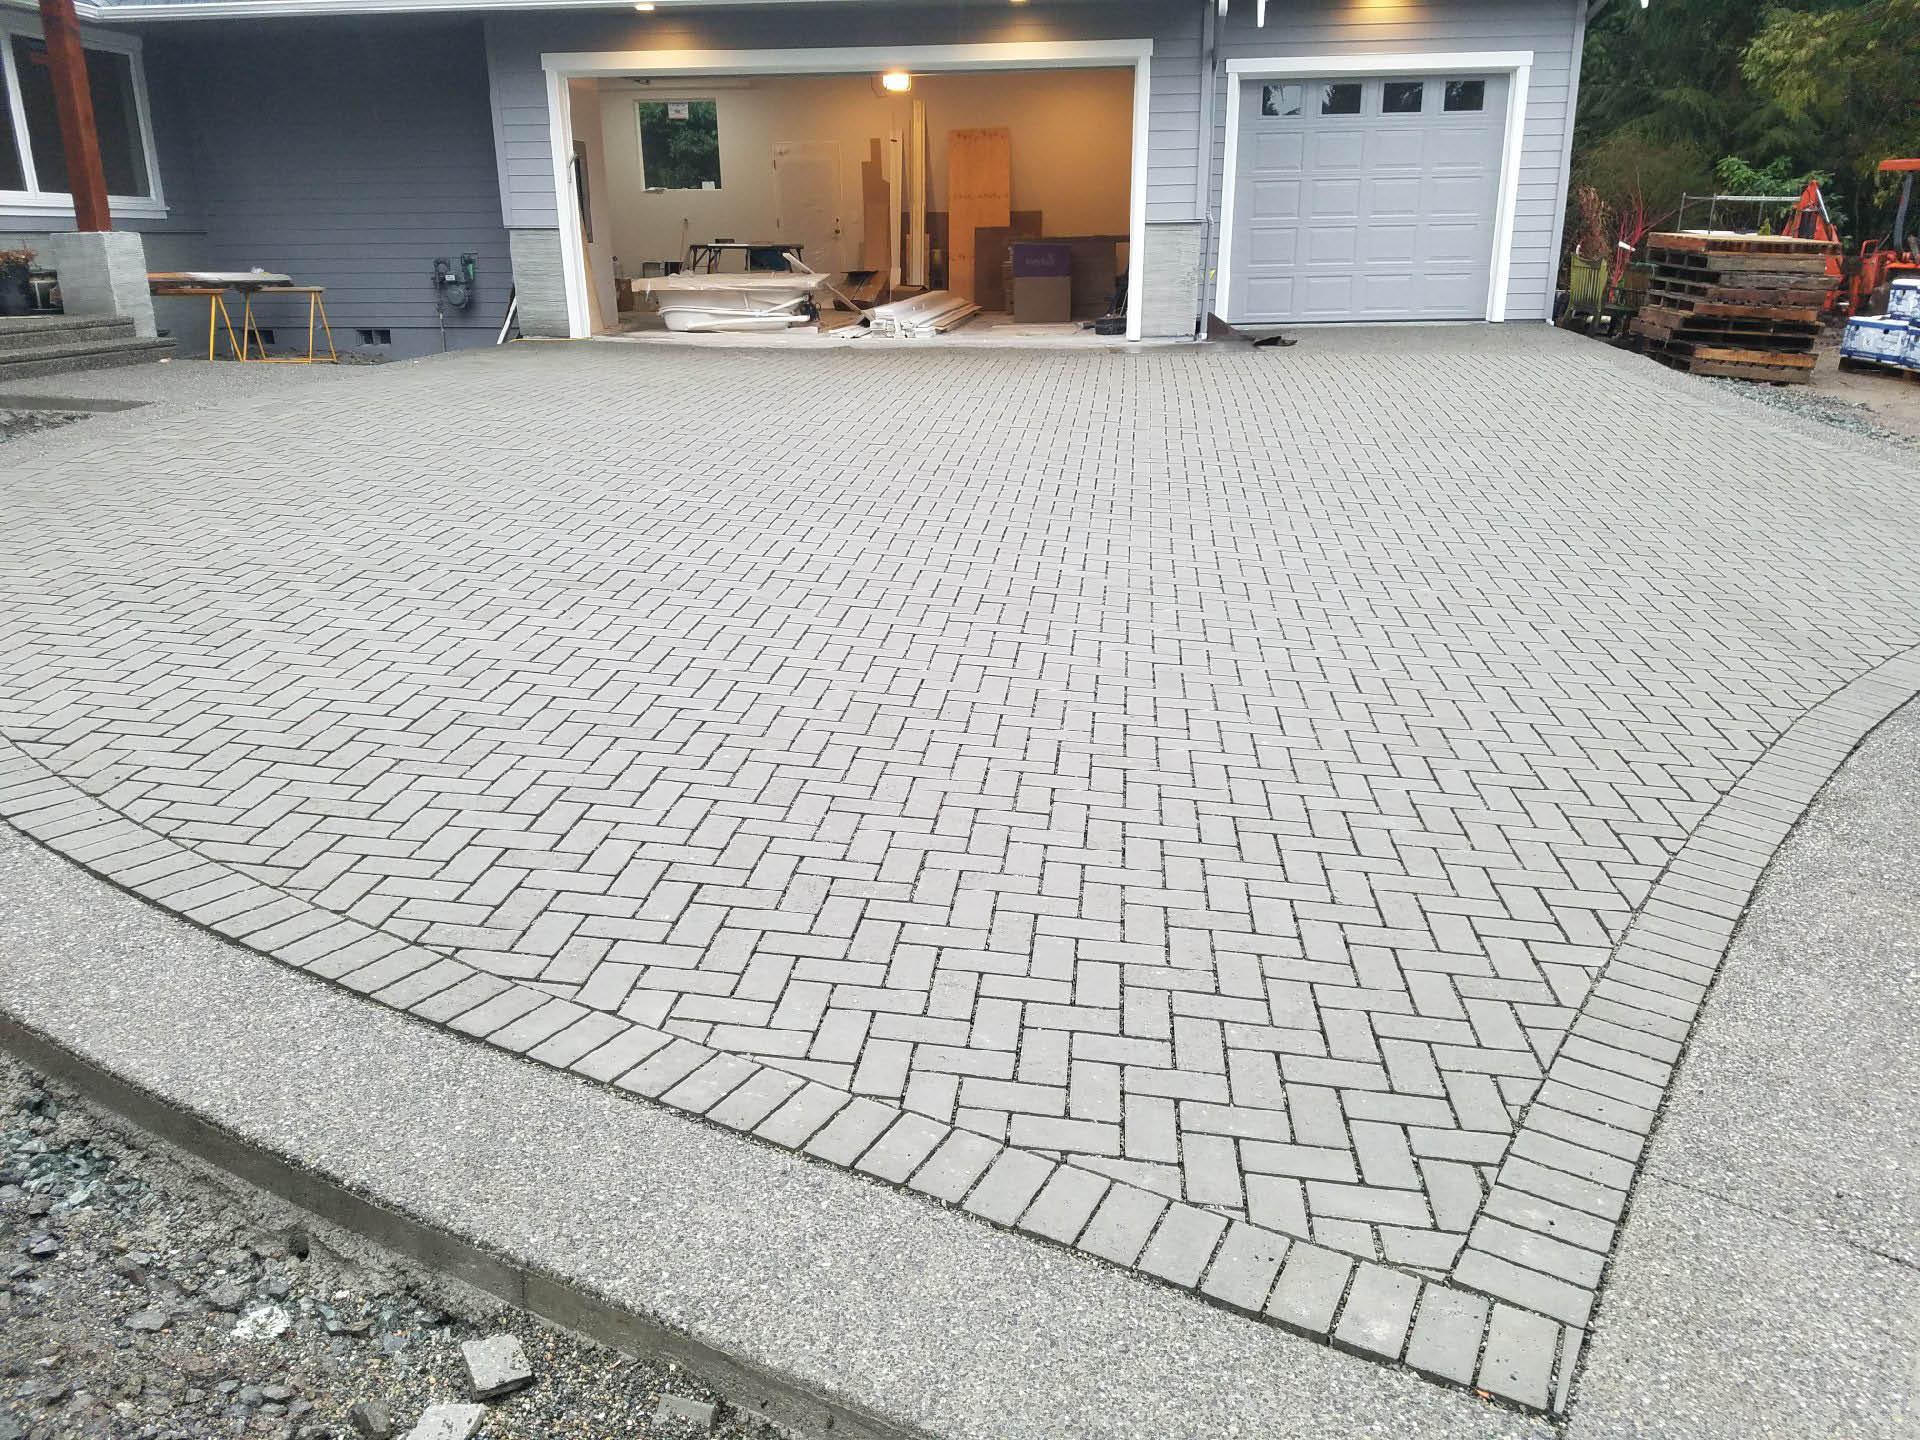 patio paver, hardscape